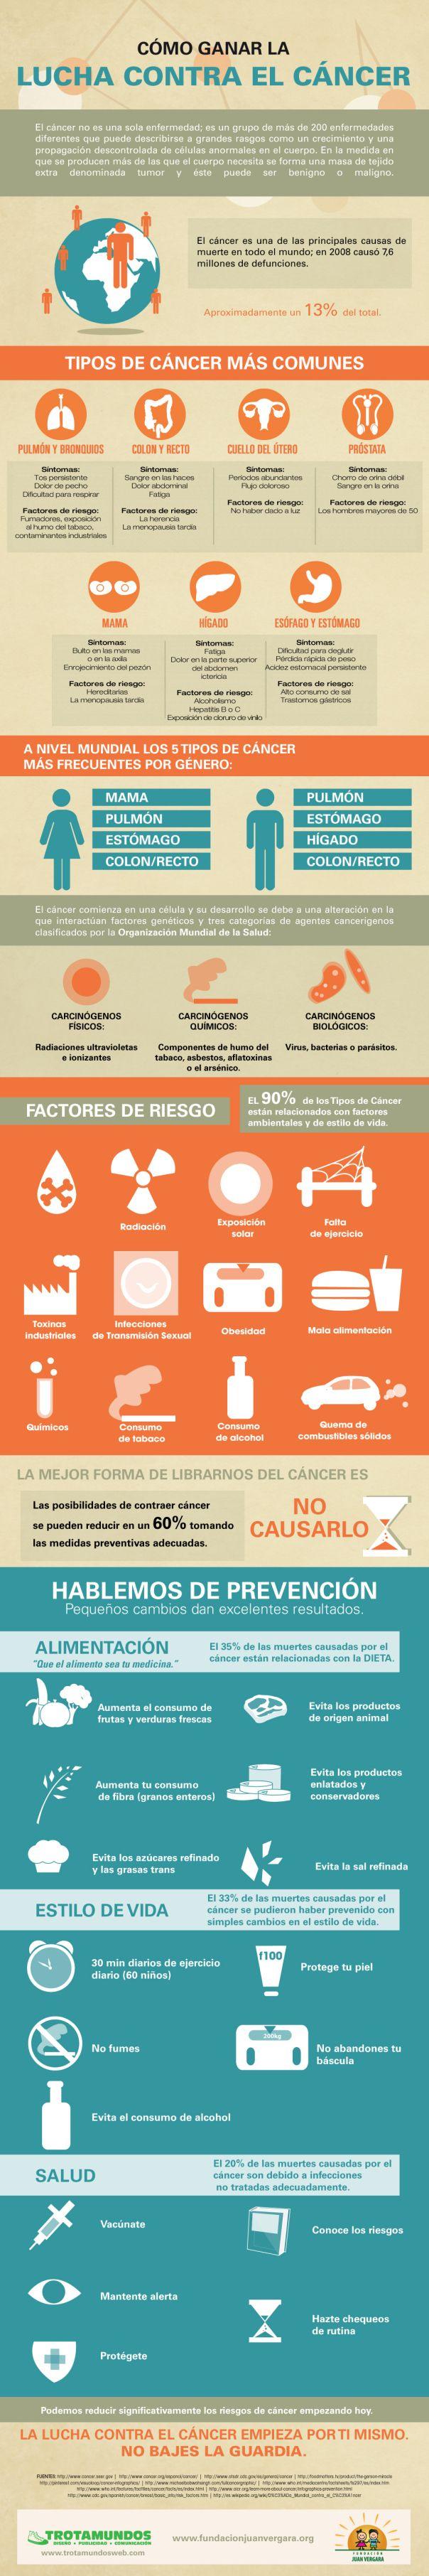 Cómo ganar la lucha contra el cáncer #infografia